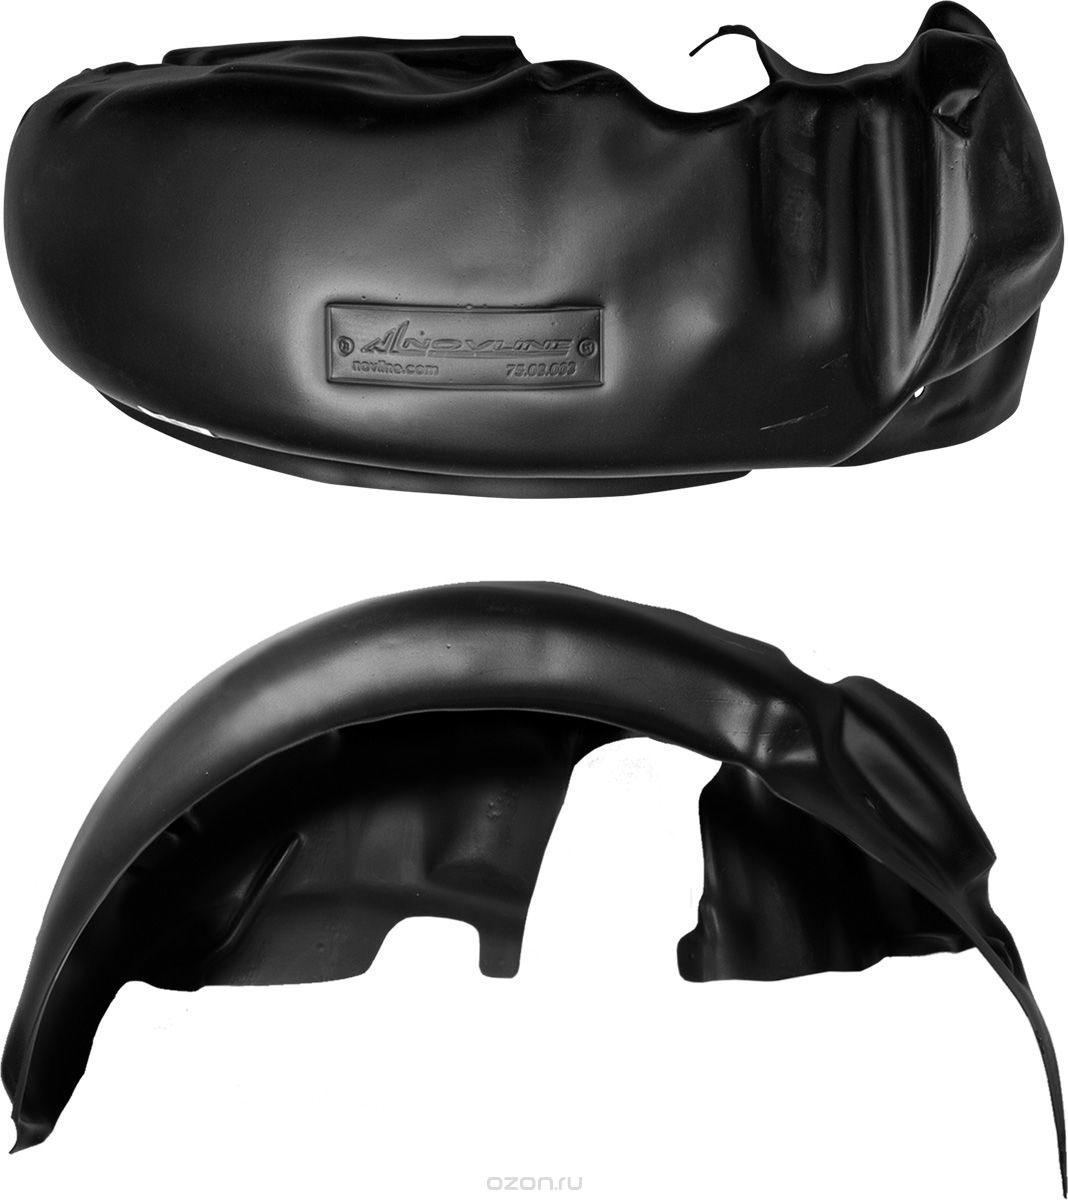 Подкрылок Novline-Autofamily, для ВАЗ 2105-07, 1982-2010, задний левый000213Идеальная защита колесной ниши. Локеры разработаны с применением цифровых технологий, гарантируют максимальную повторяемость поверхности арки. Изделия устанавливаются без нарушения лакокрасочного покрытия автомобиля, каждый подкрылок комплектуется крепежом. Уважаемые клиенты, обращаем ваше внимание, что фотографии на подкрылки универсальные и не отражают реальную форму изделия. При этом само изделие идет точно под размер указанного автомобиля.